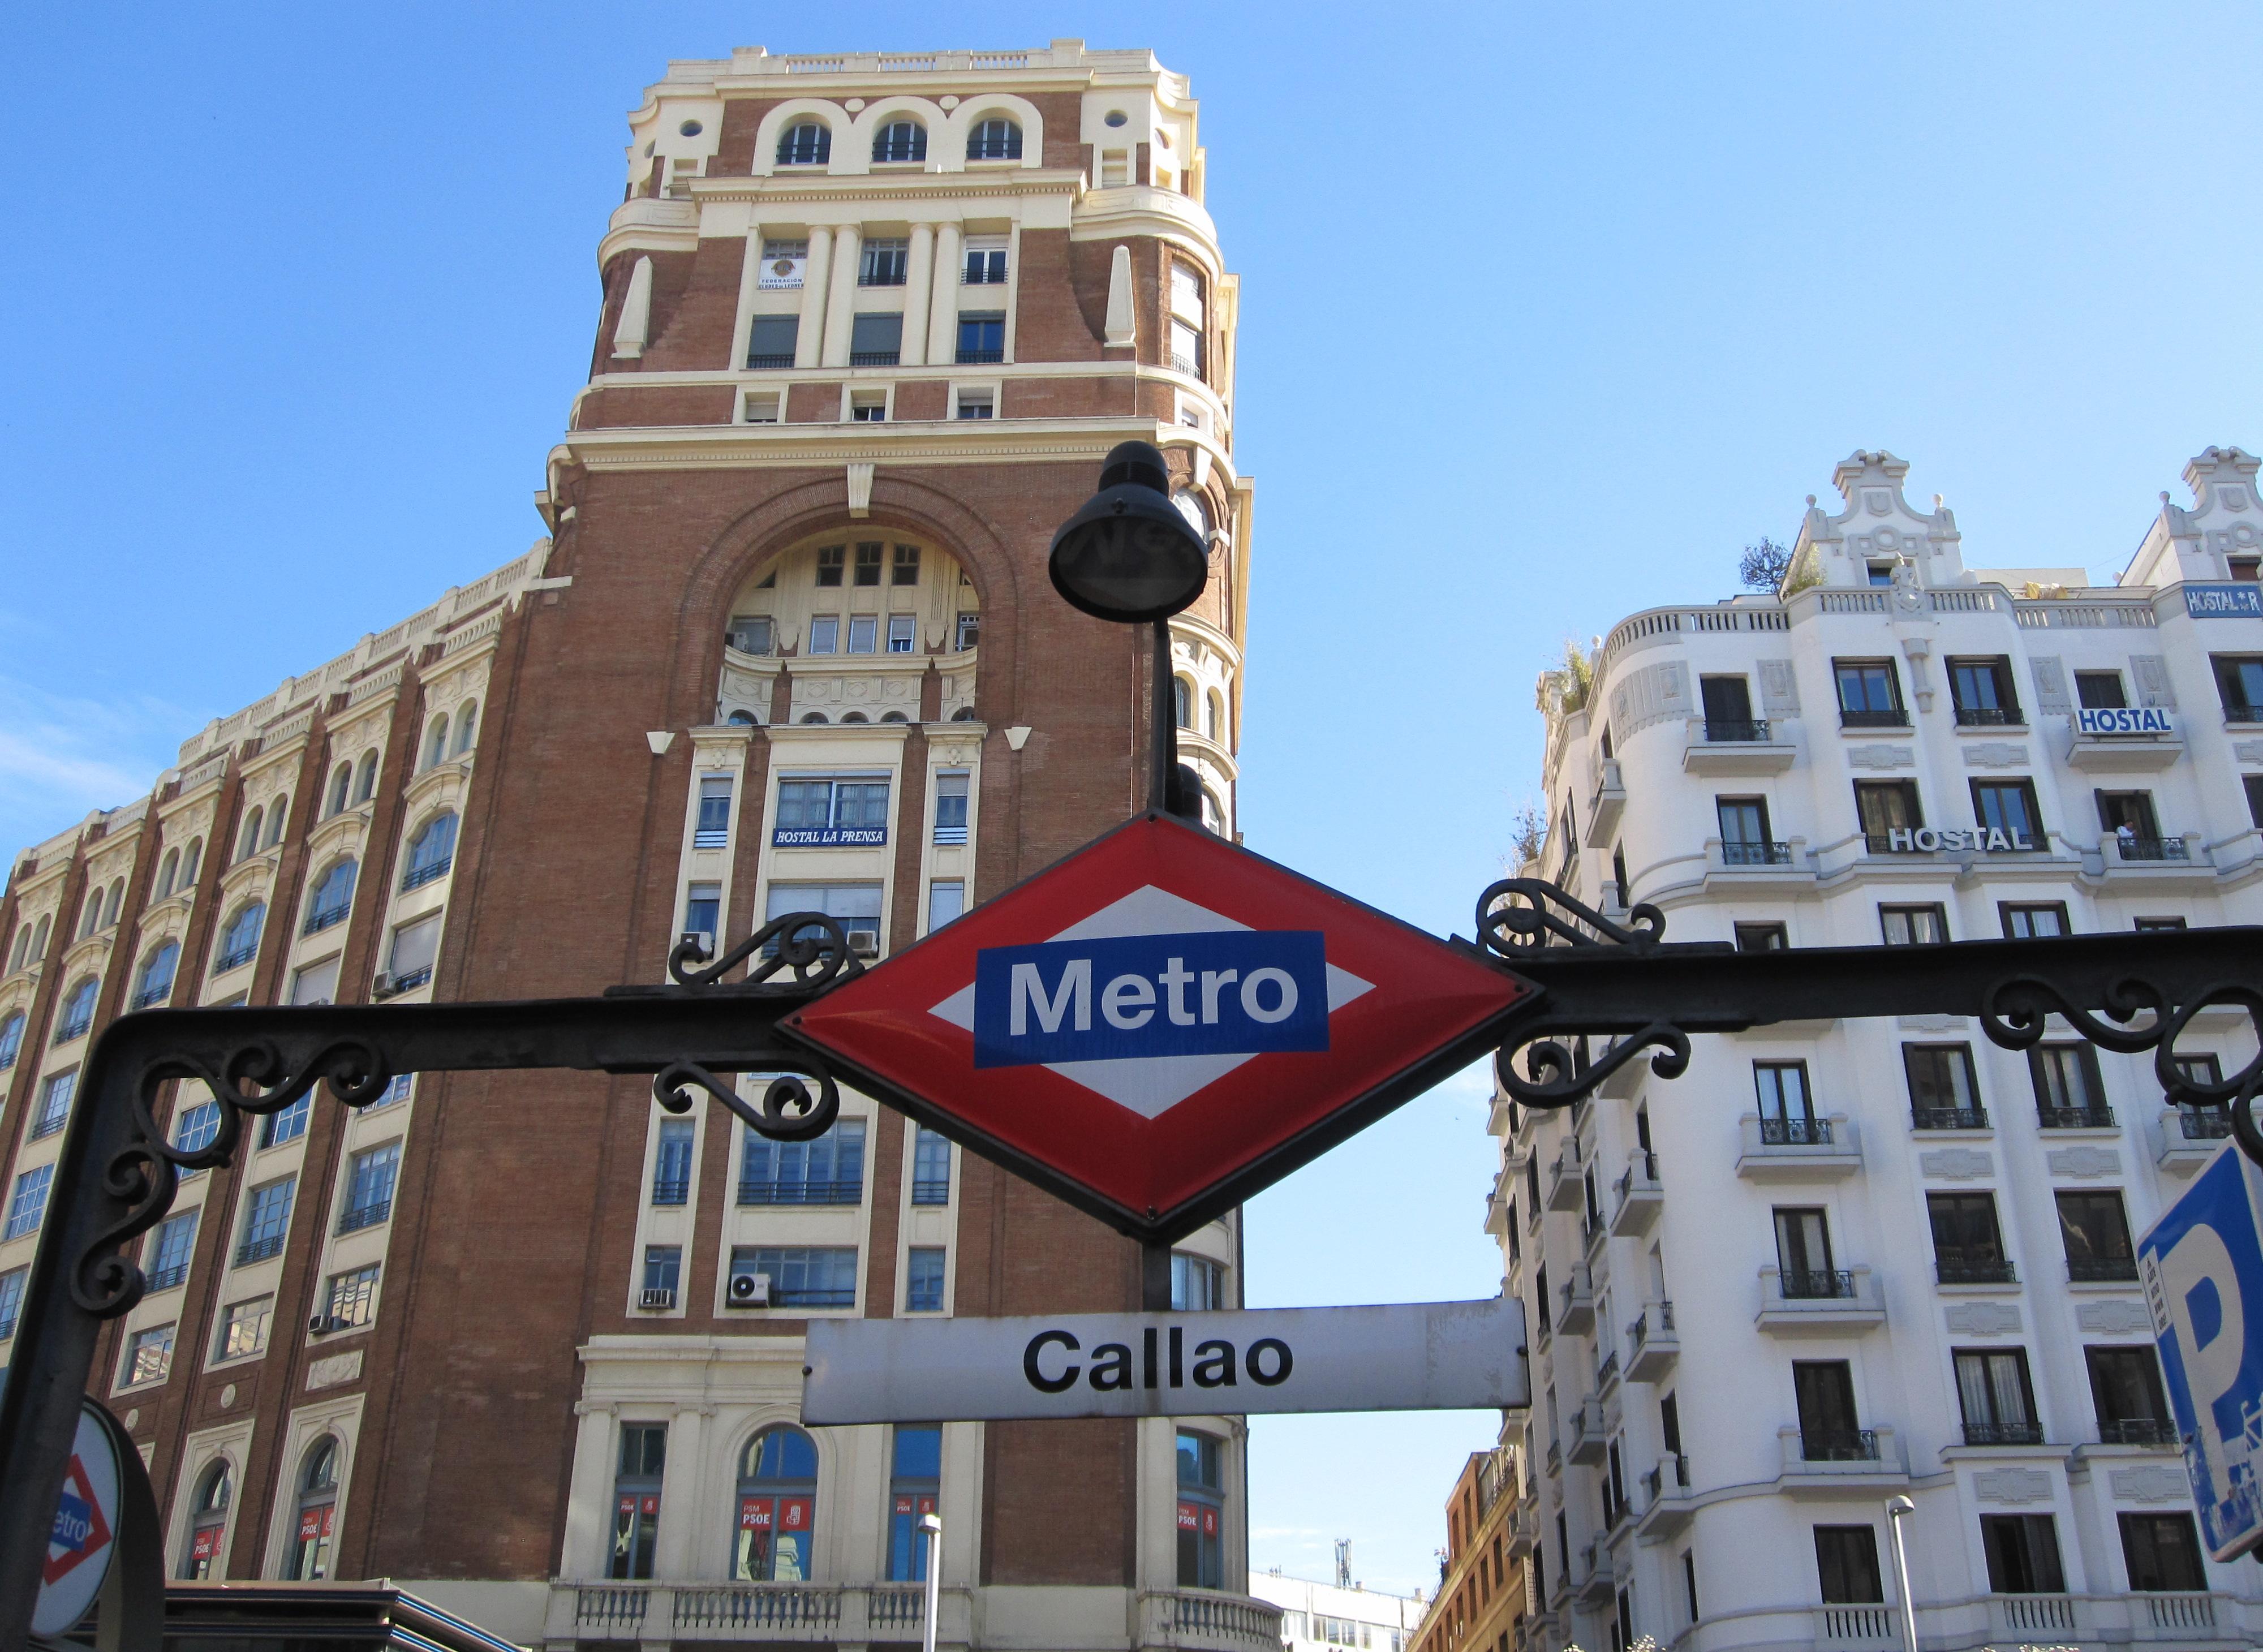 Metro Callao, Sol o Gran Vía